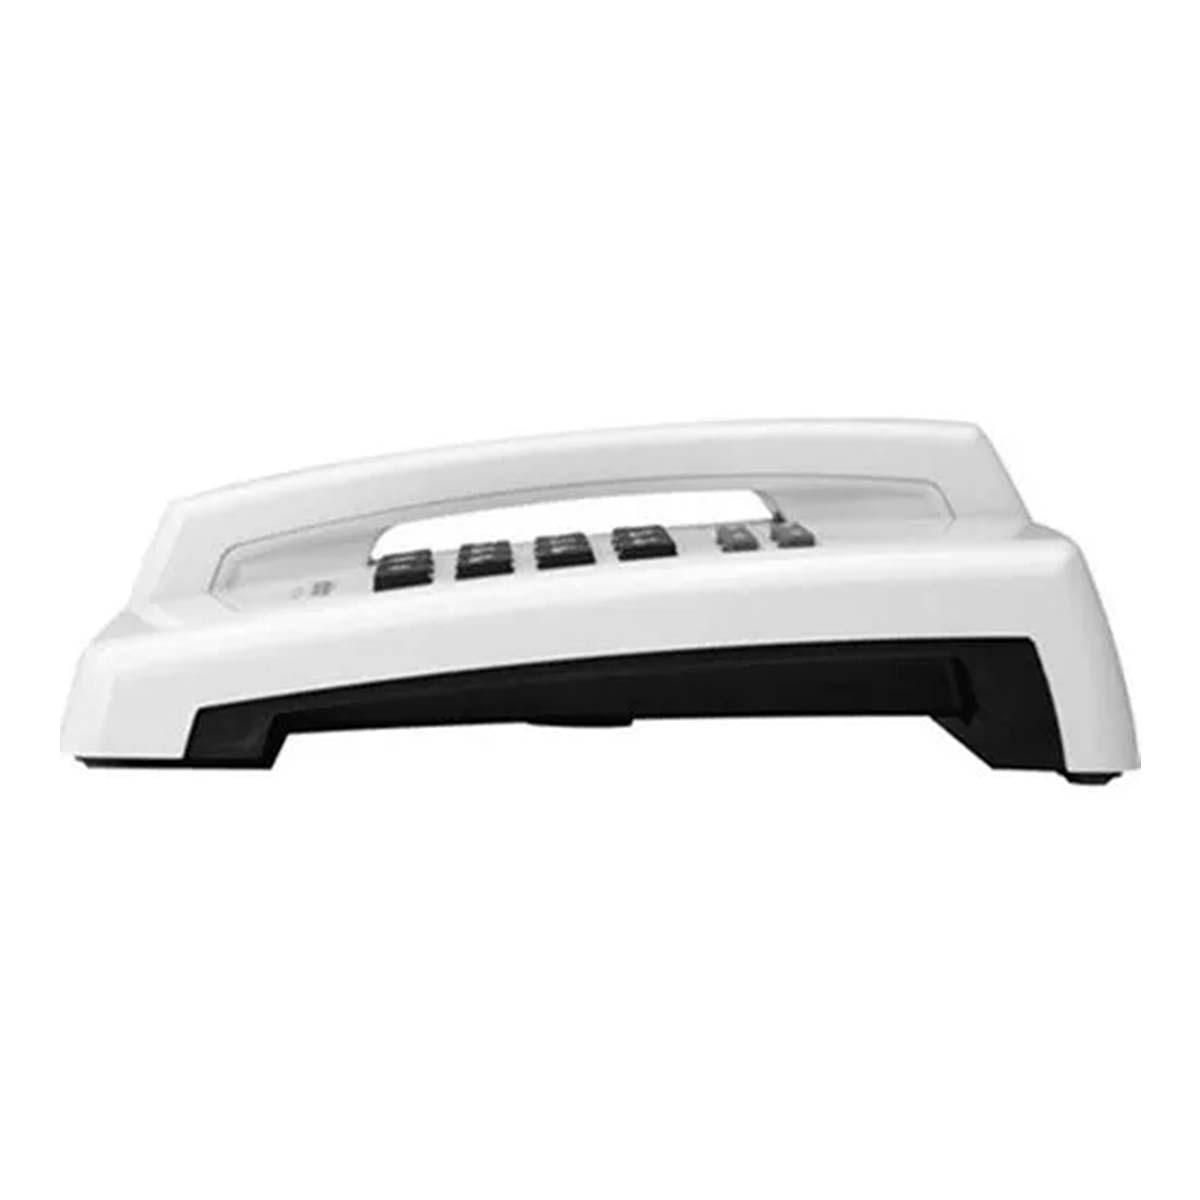 Kit 05 Telefone De Mesa Intelbras Tc50 Premium Branco